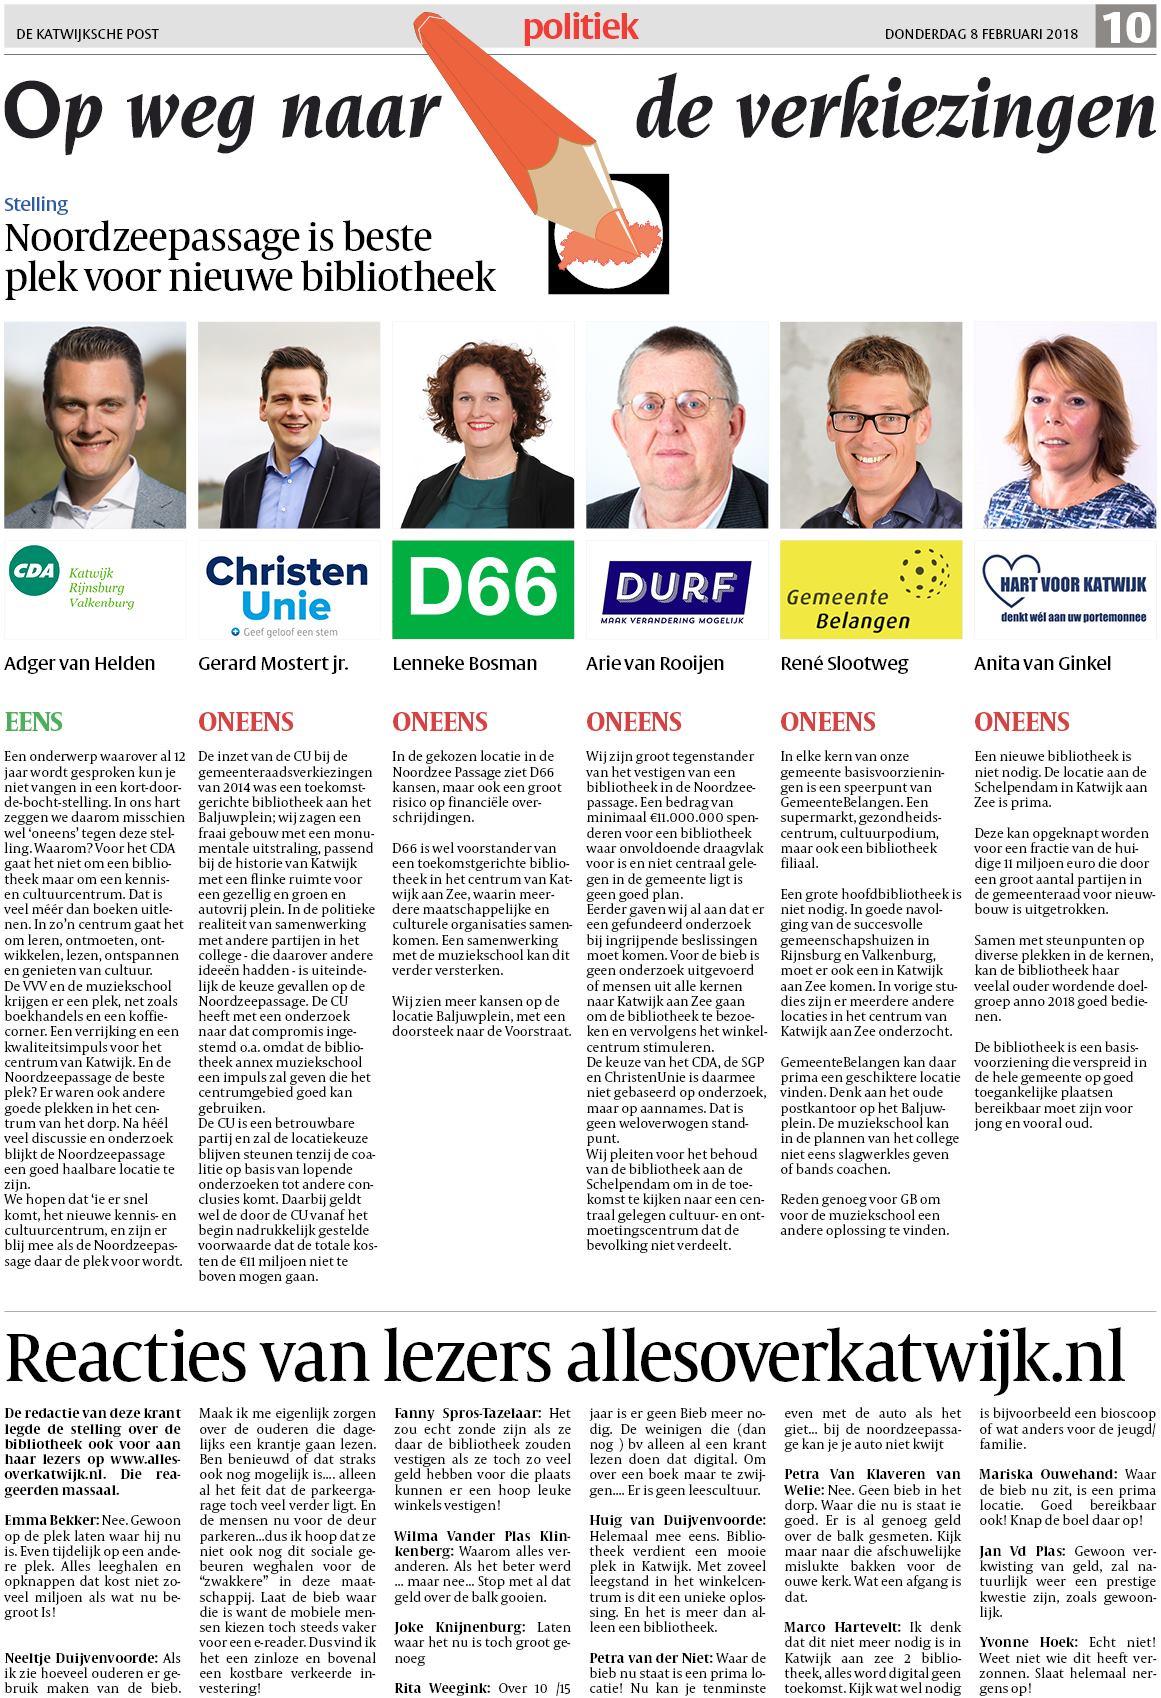 Delftse Post CDA er Chris van Dam nr.12 kieslijst 2e kamer